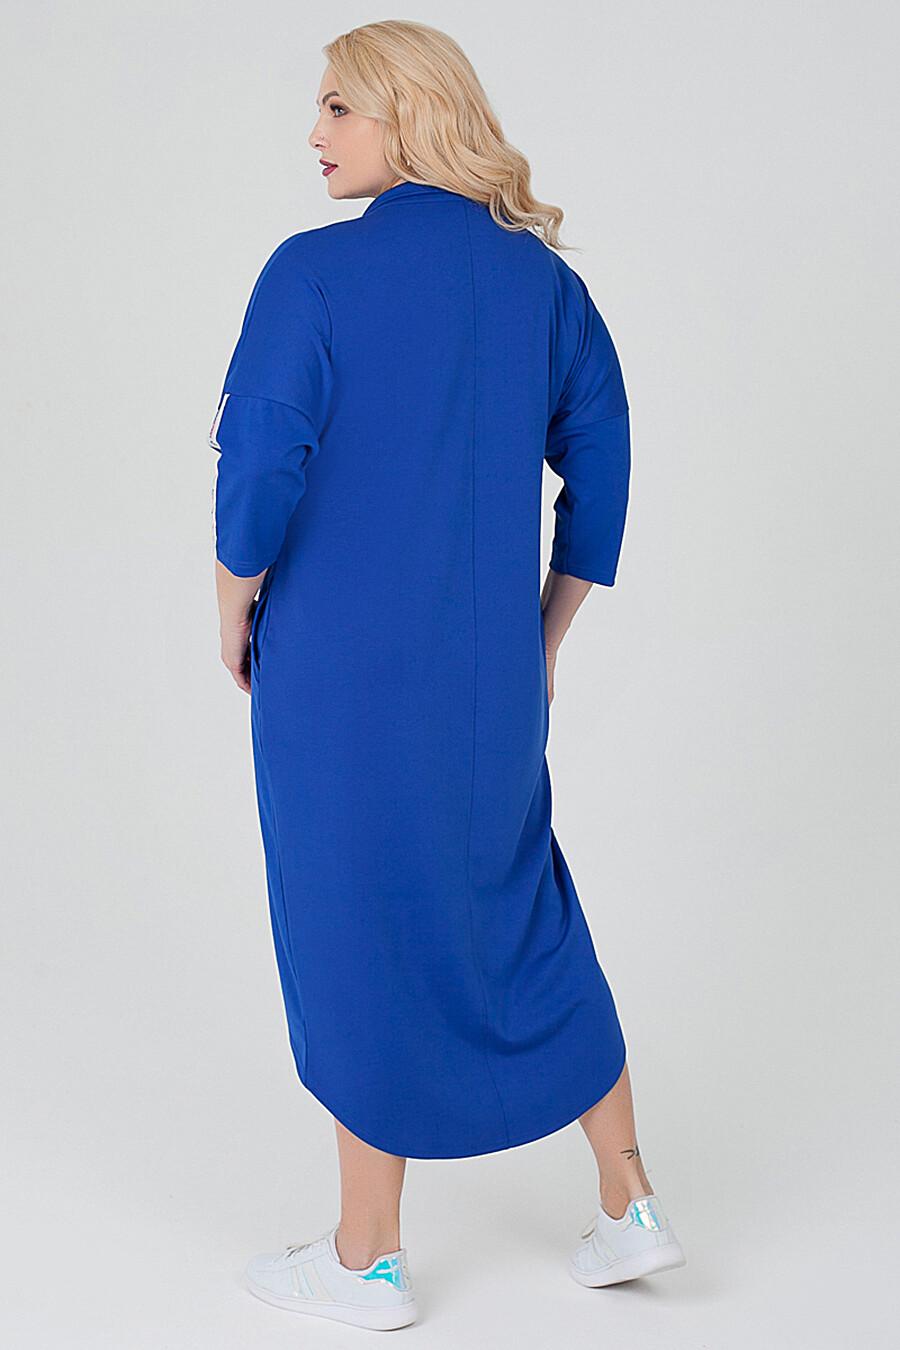 Платье для женщин SPARADA 184338 купить оптом от производителя. Совместная покупка женской одежды в OptMoyo